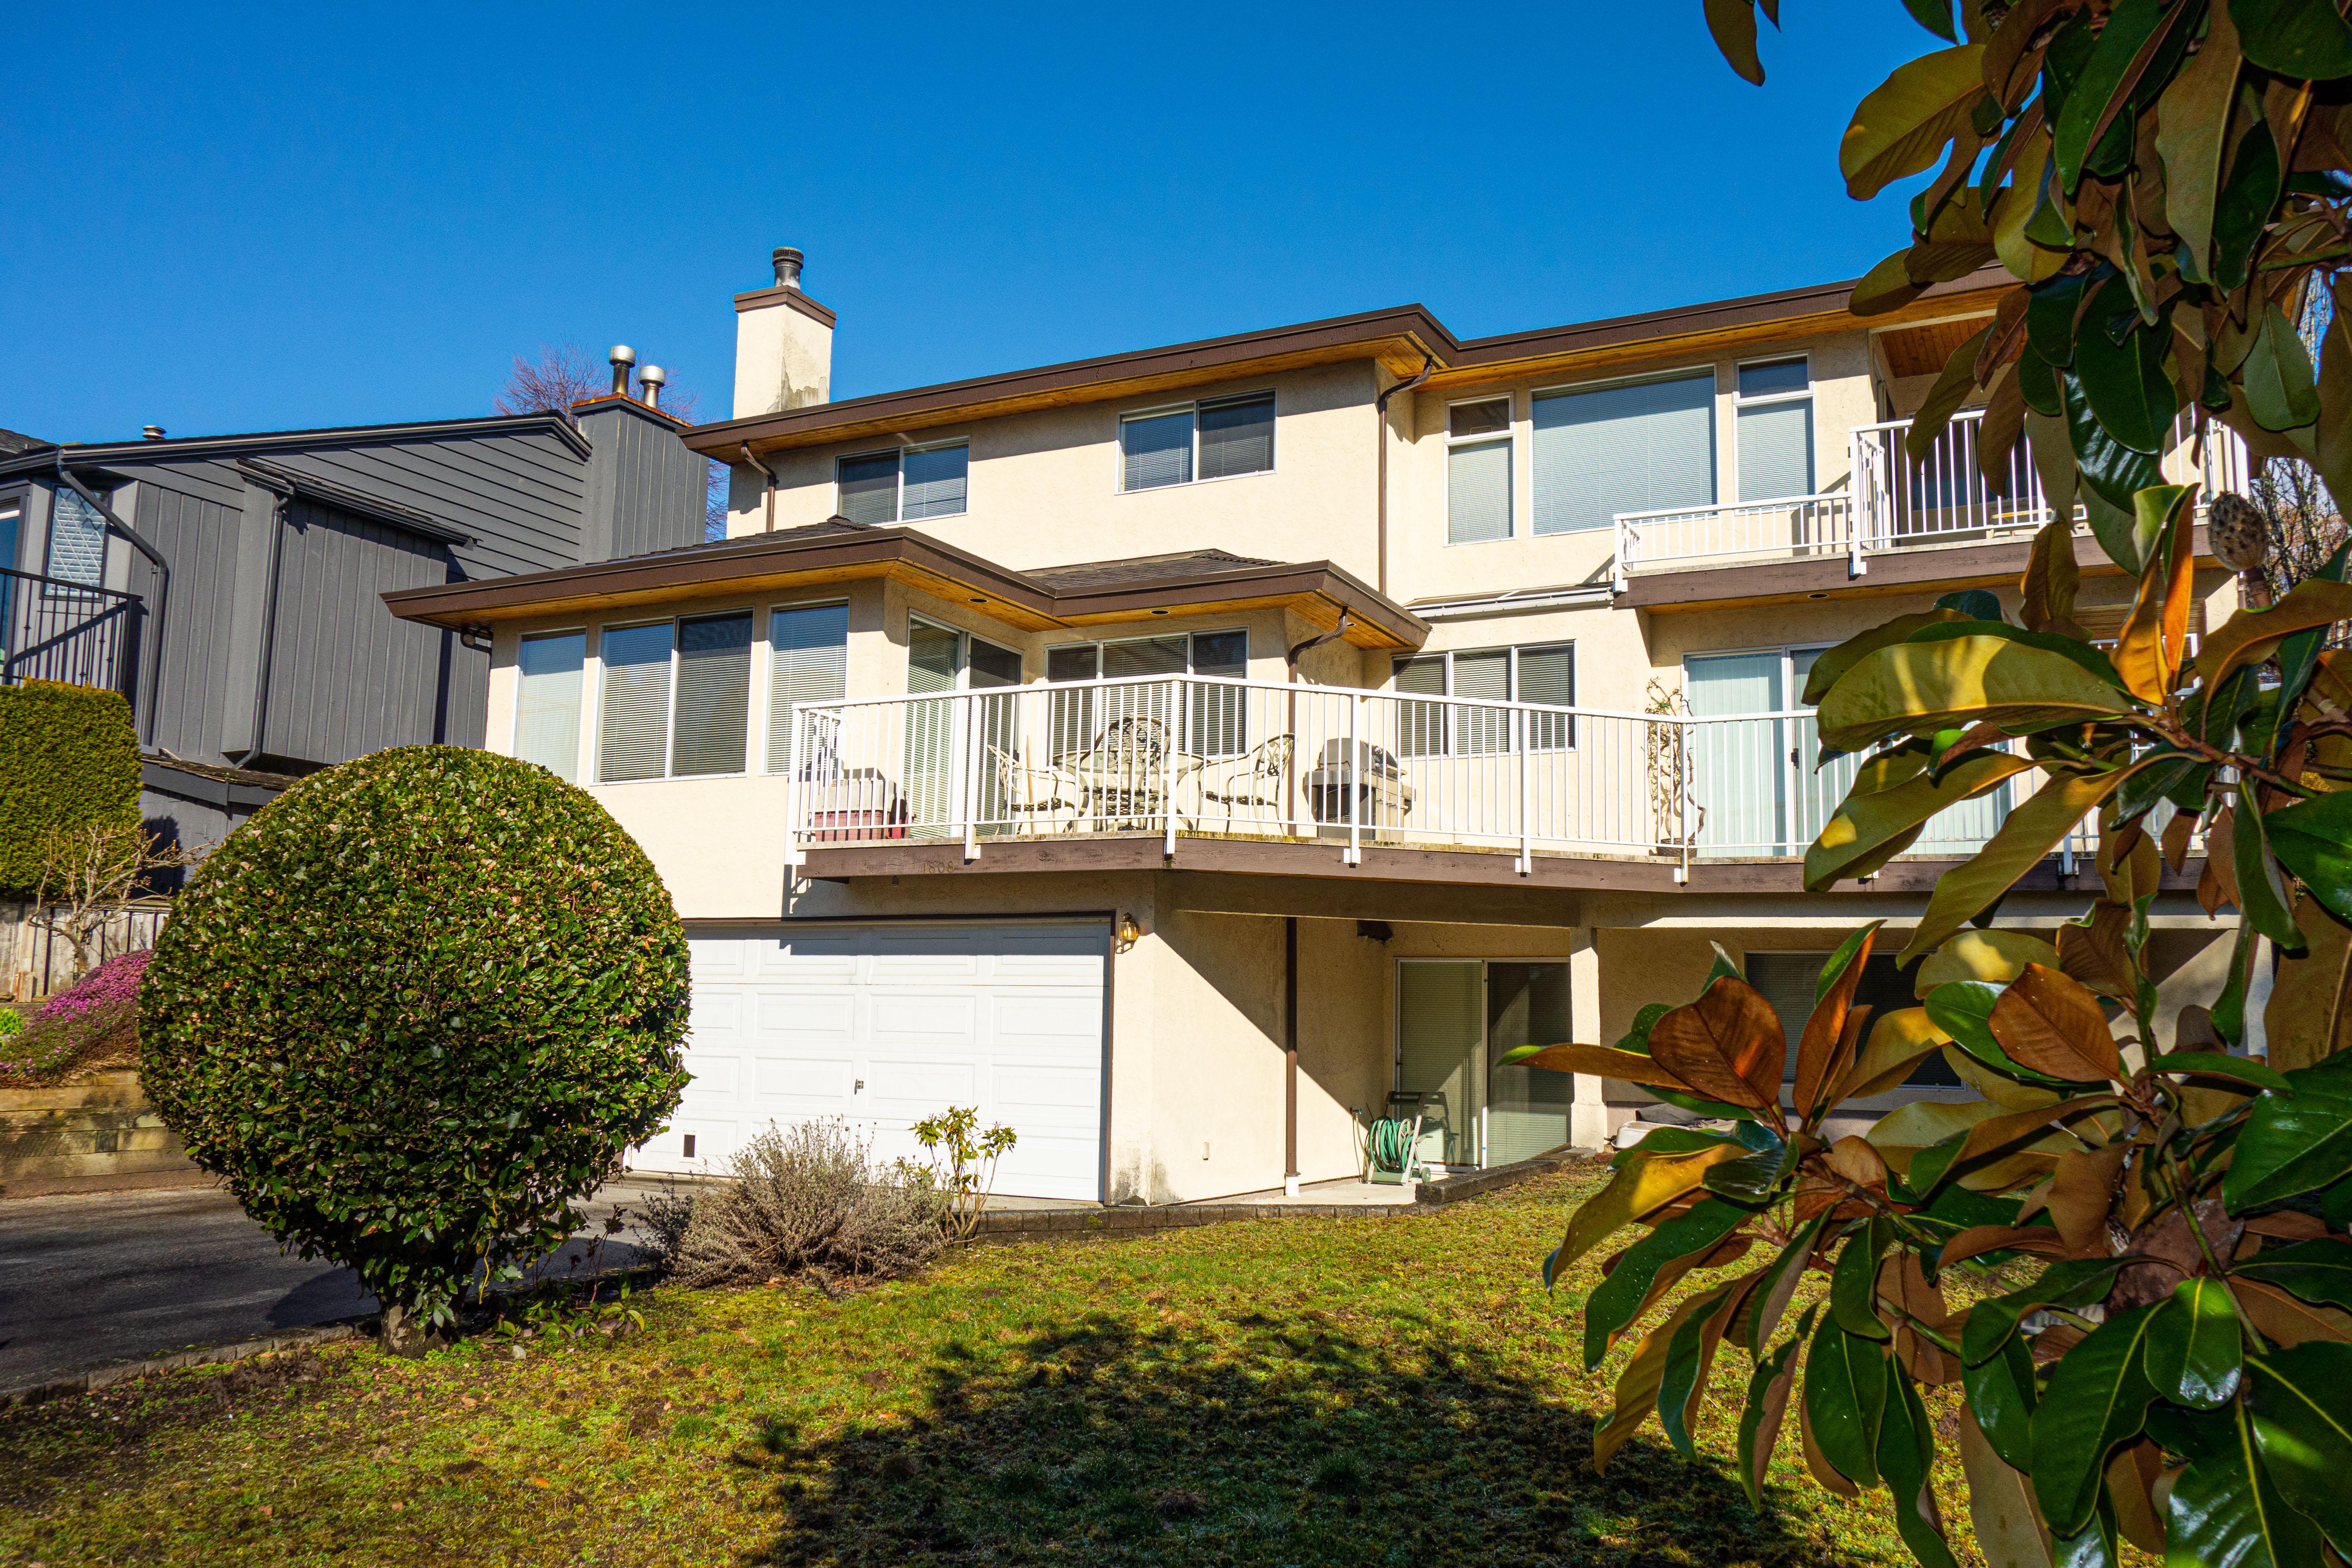 1808 Esquimalt Avenue, West Vancouver, BC - $4,850